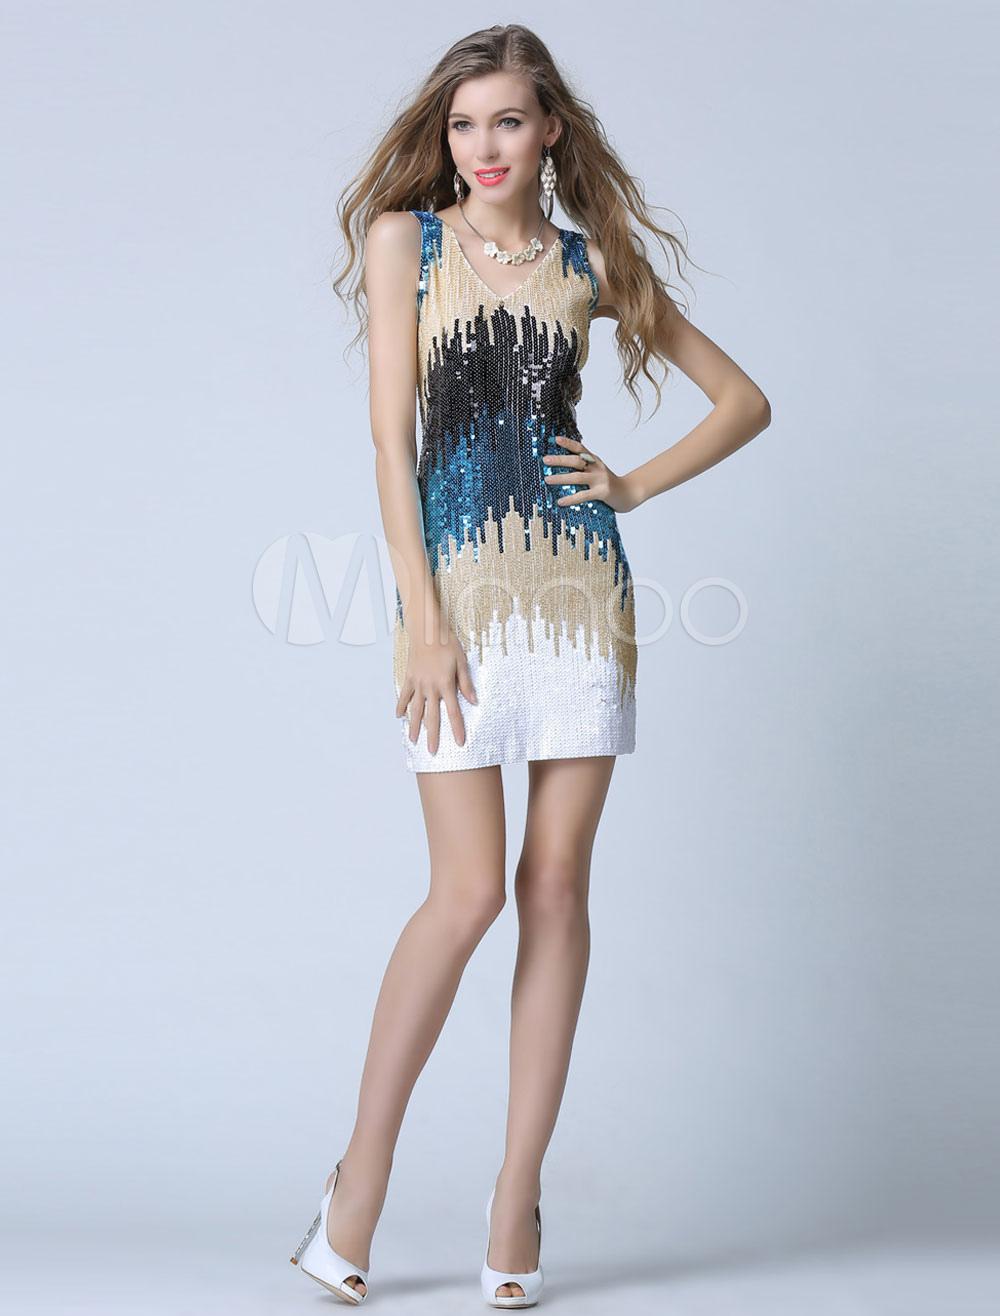 Multicolor Cocktail Dress Sequins Slim Fit Dress (Wedding Cheap Party Dress) photo